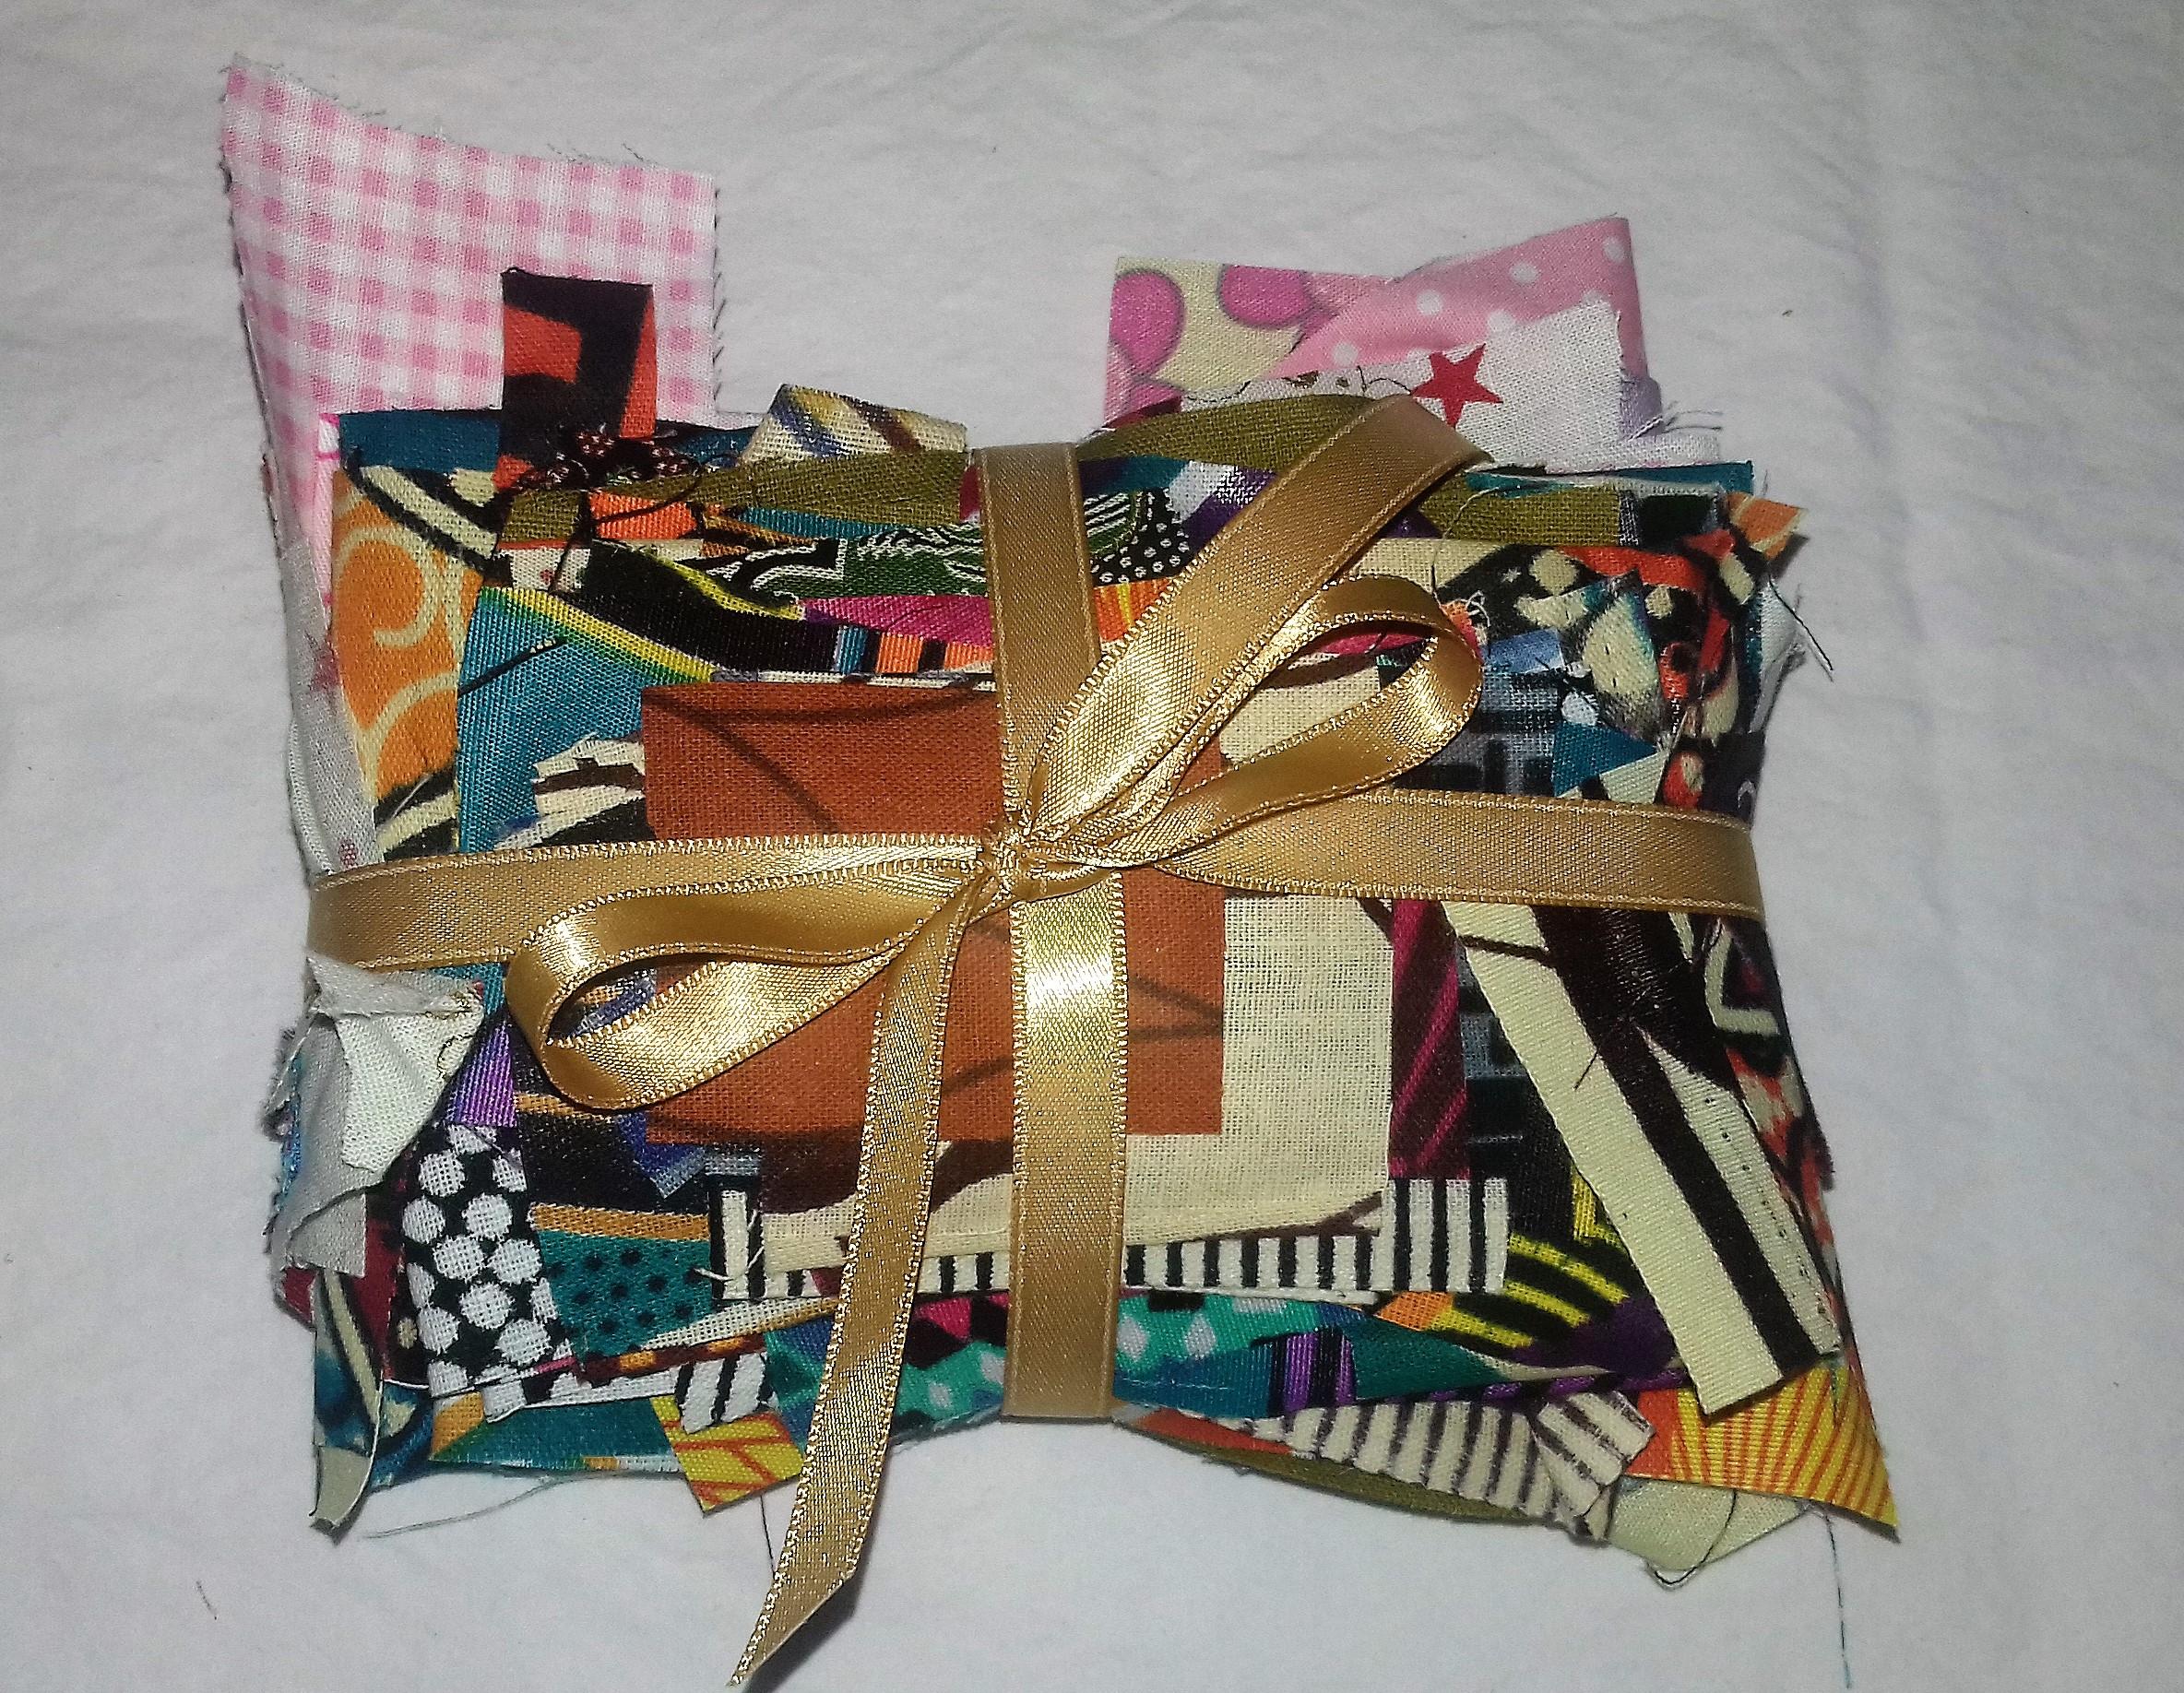 Fabric Scraps Packs